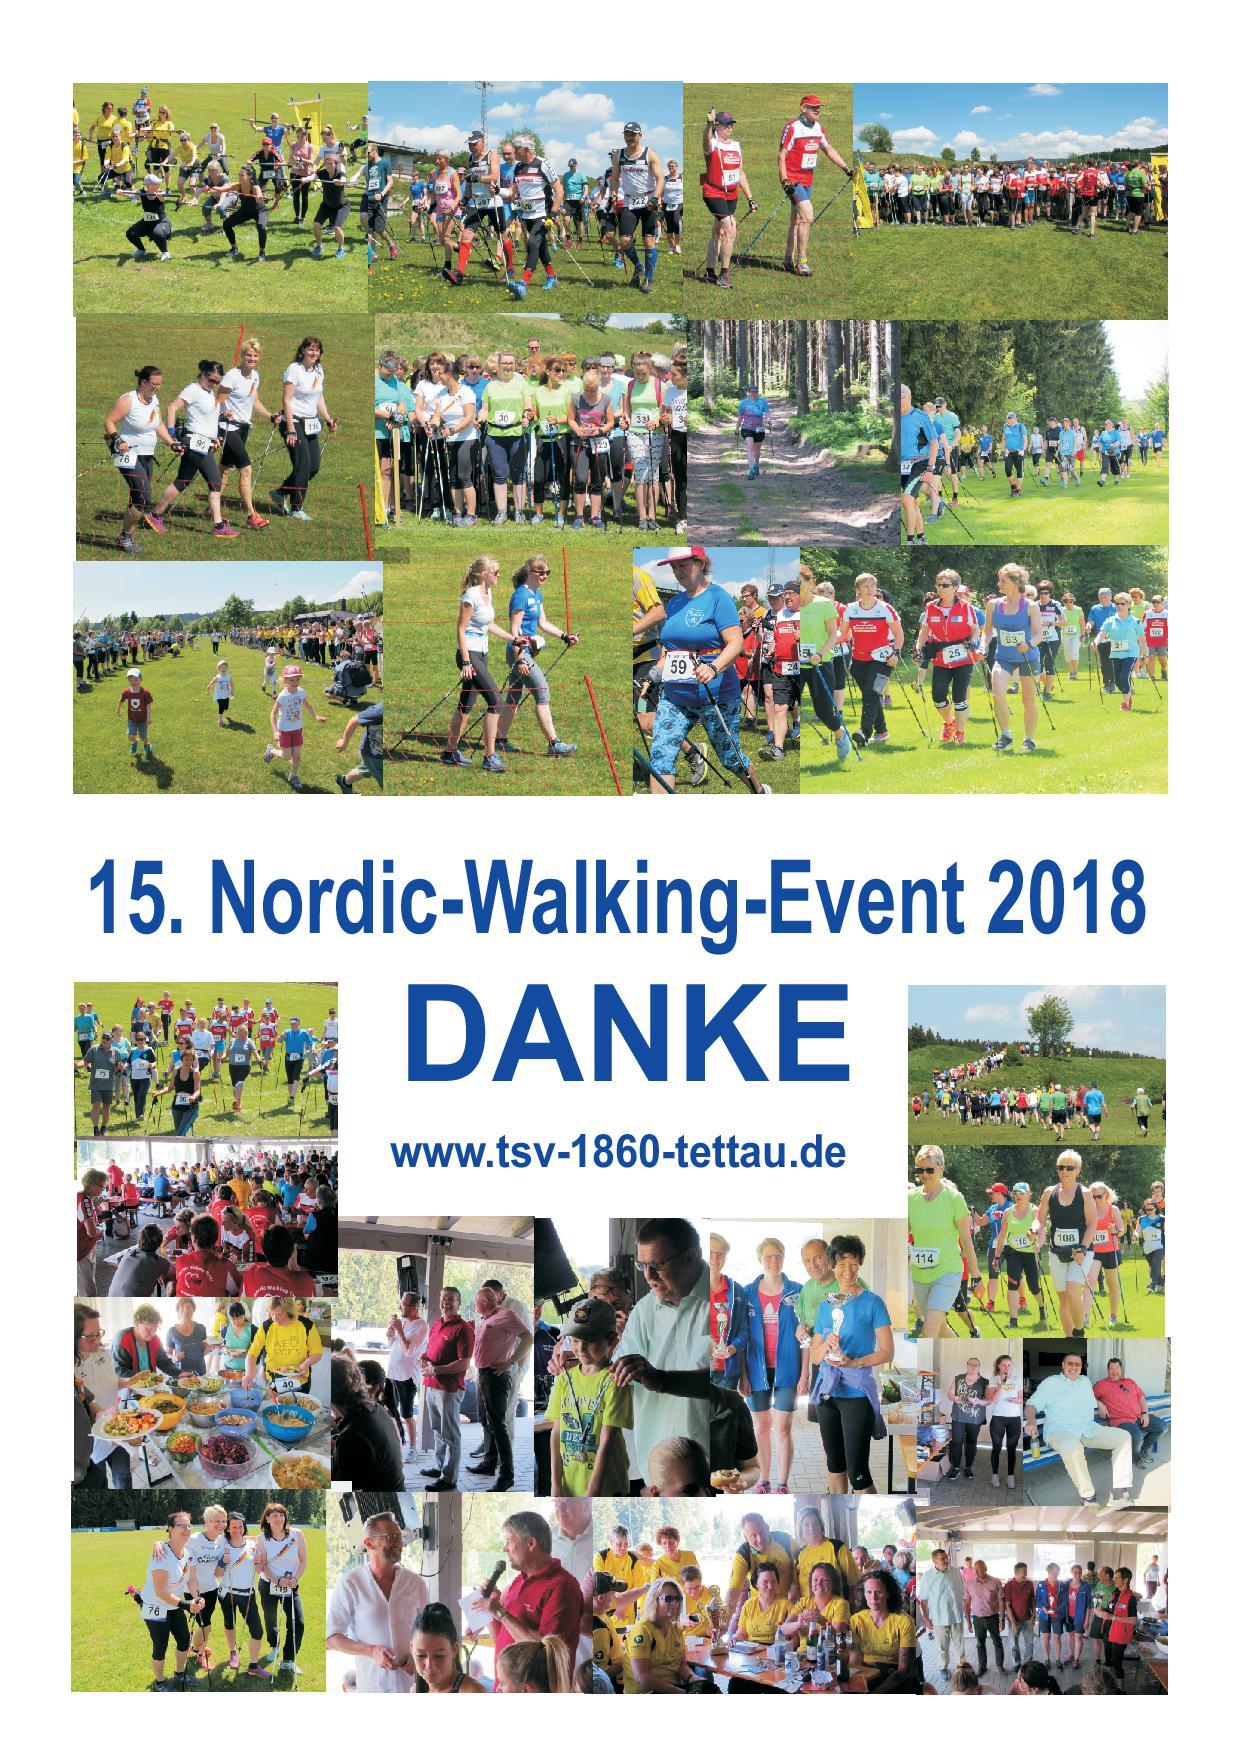 Nordic-Walking-Event 2018 VIELEN DANK!